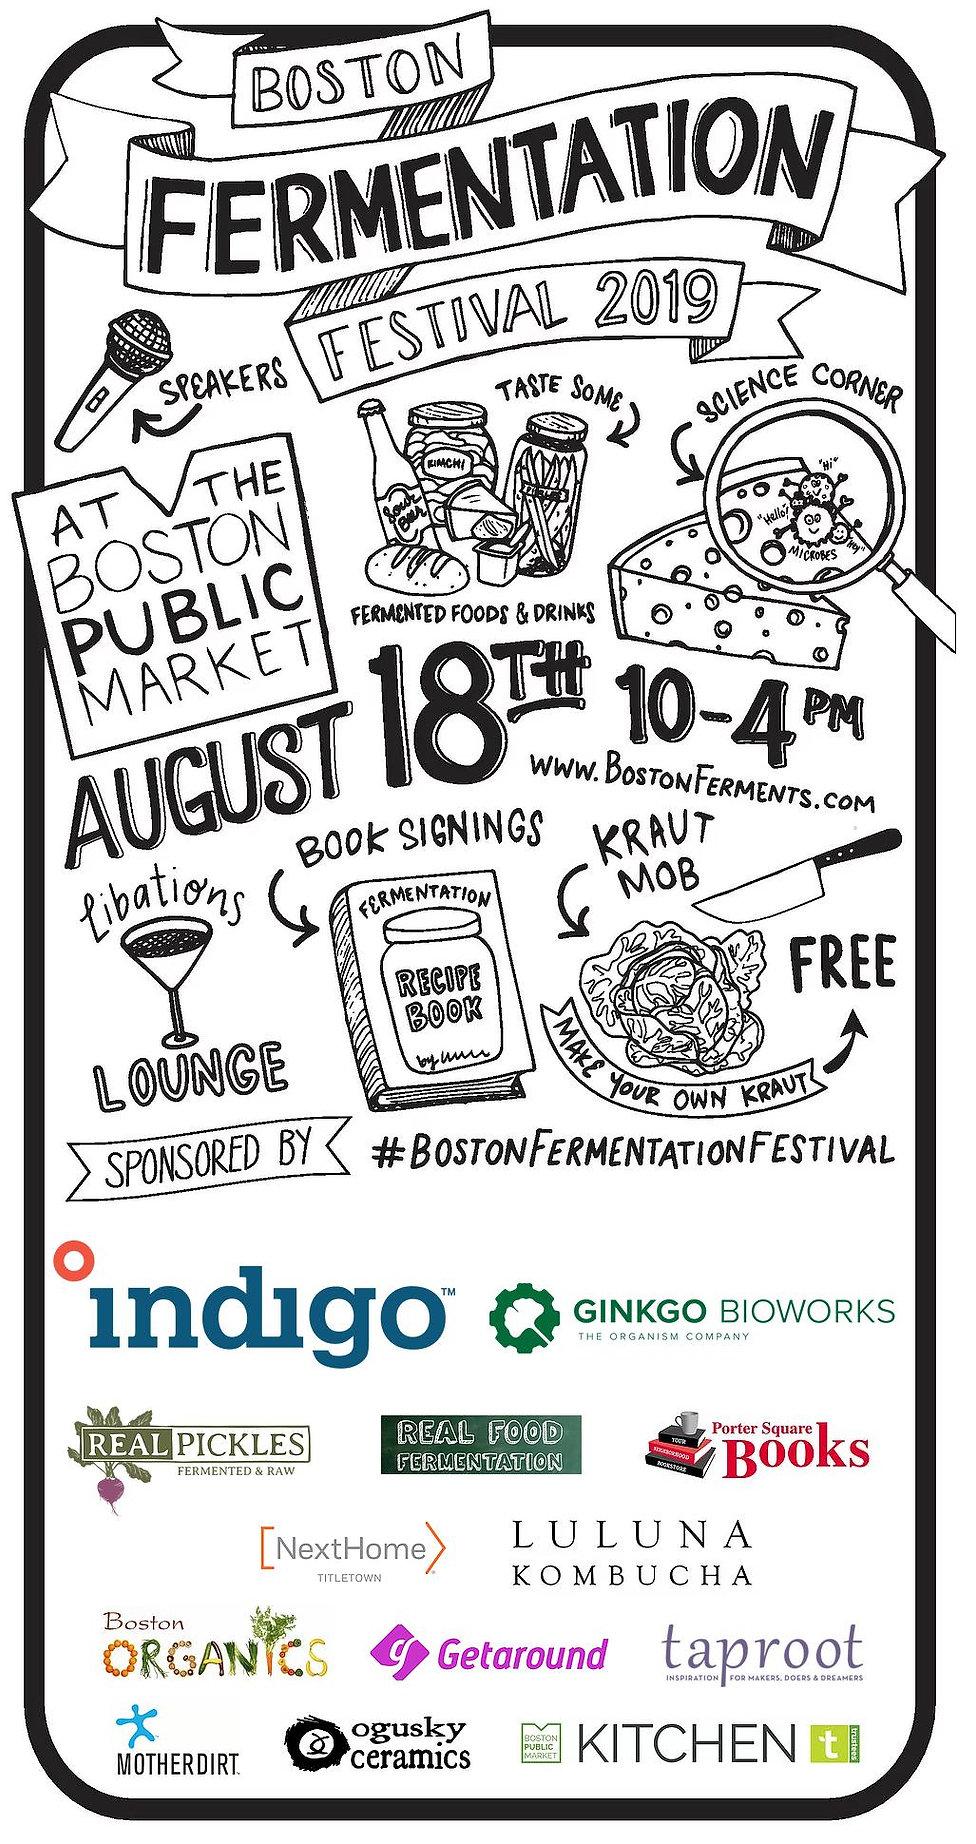 boston fermentation festival 2019 official poster